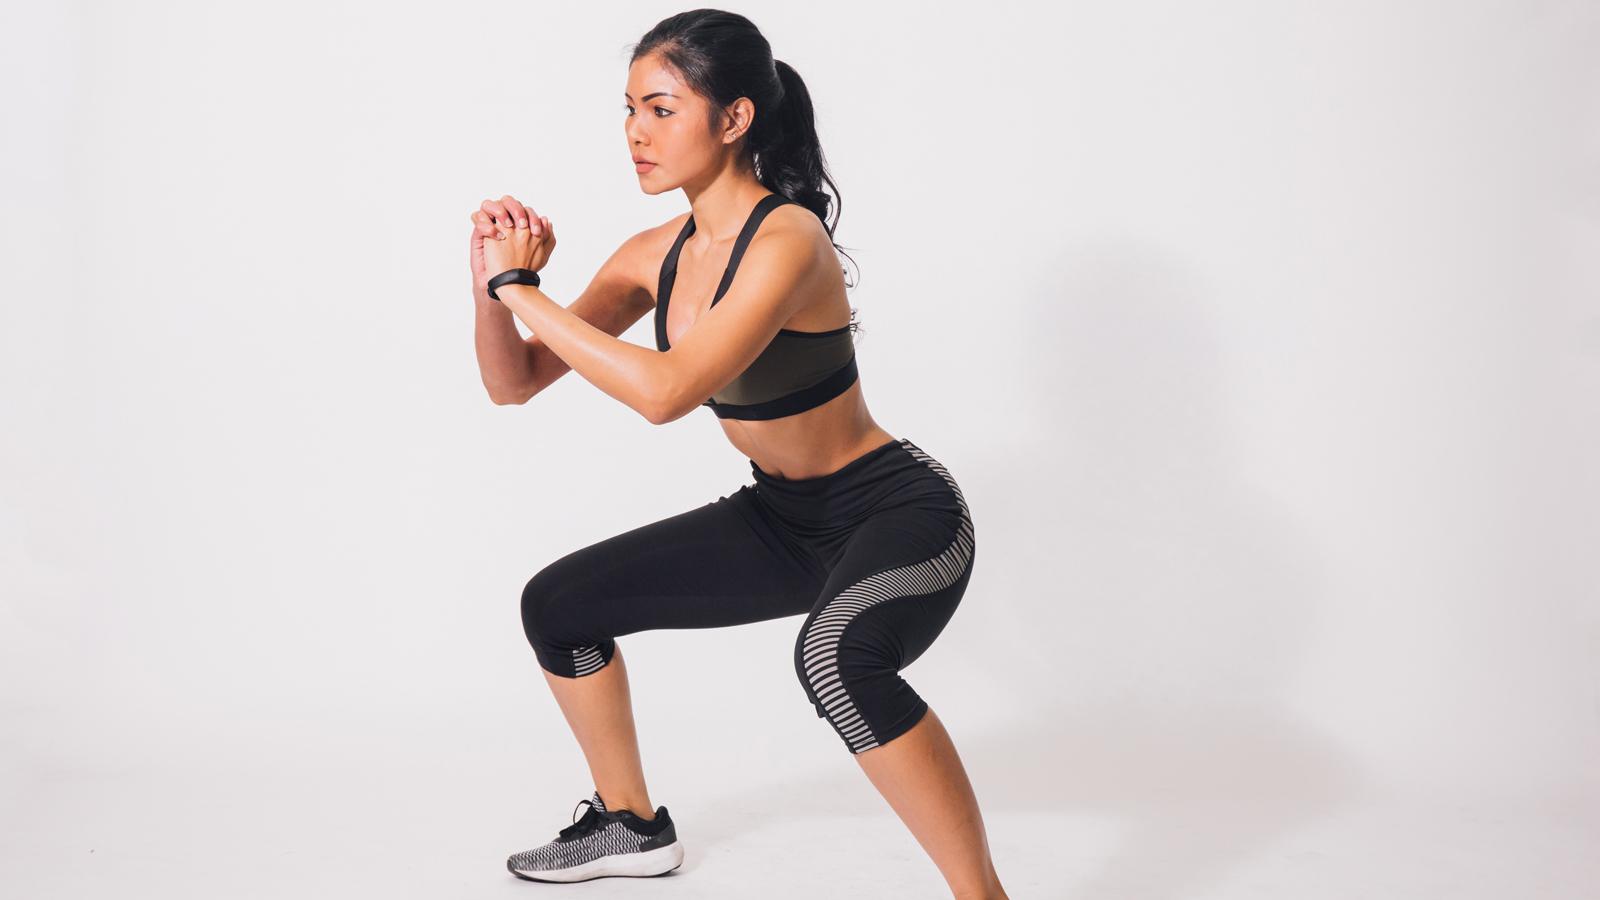 Những bài tập thể dục buổi sáng tốt nhất-2